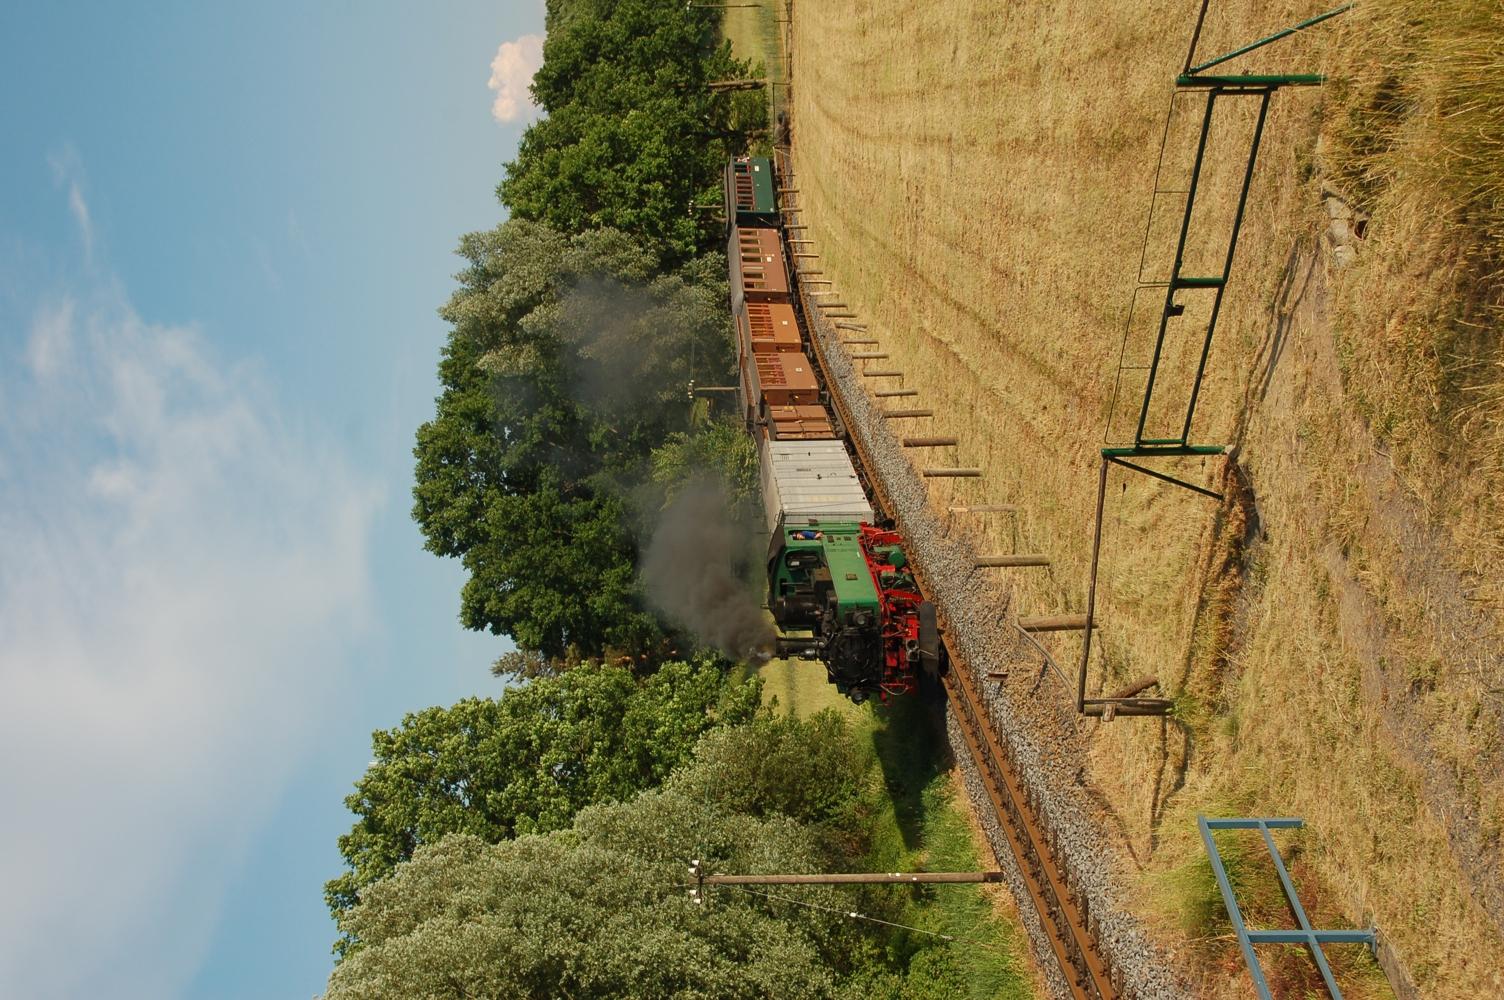 Dampfzug mit grüner Dampflok, grauem Gepäckwagen und braunen Personenwagen zwischen Feldern und Bäumen